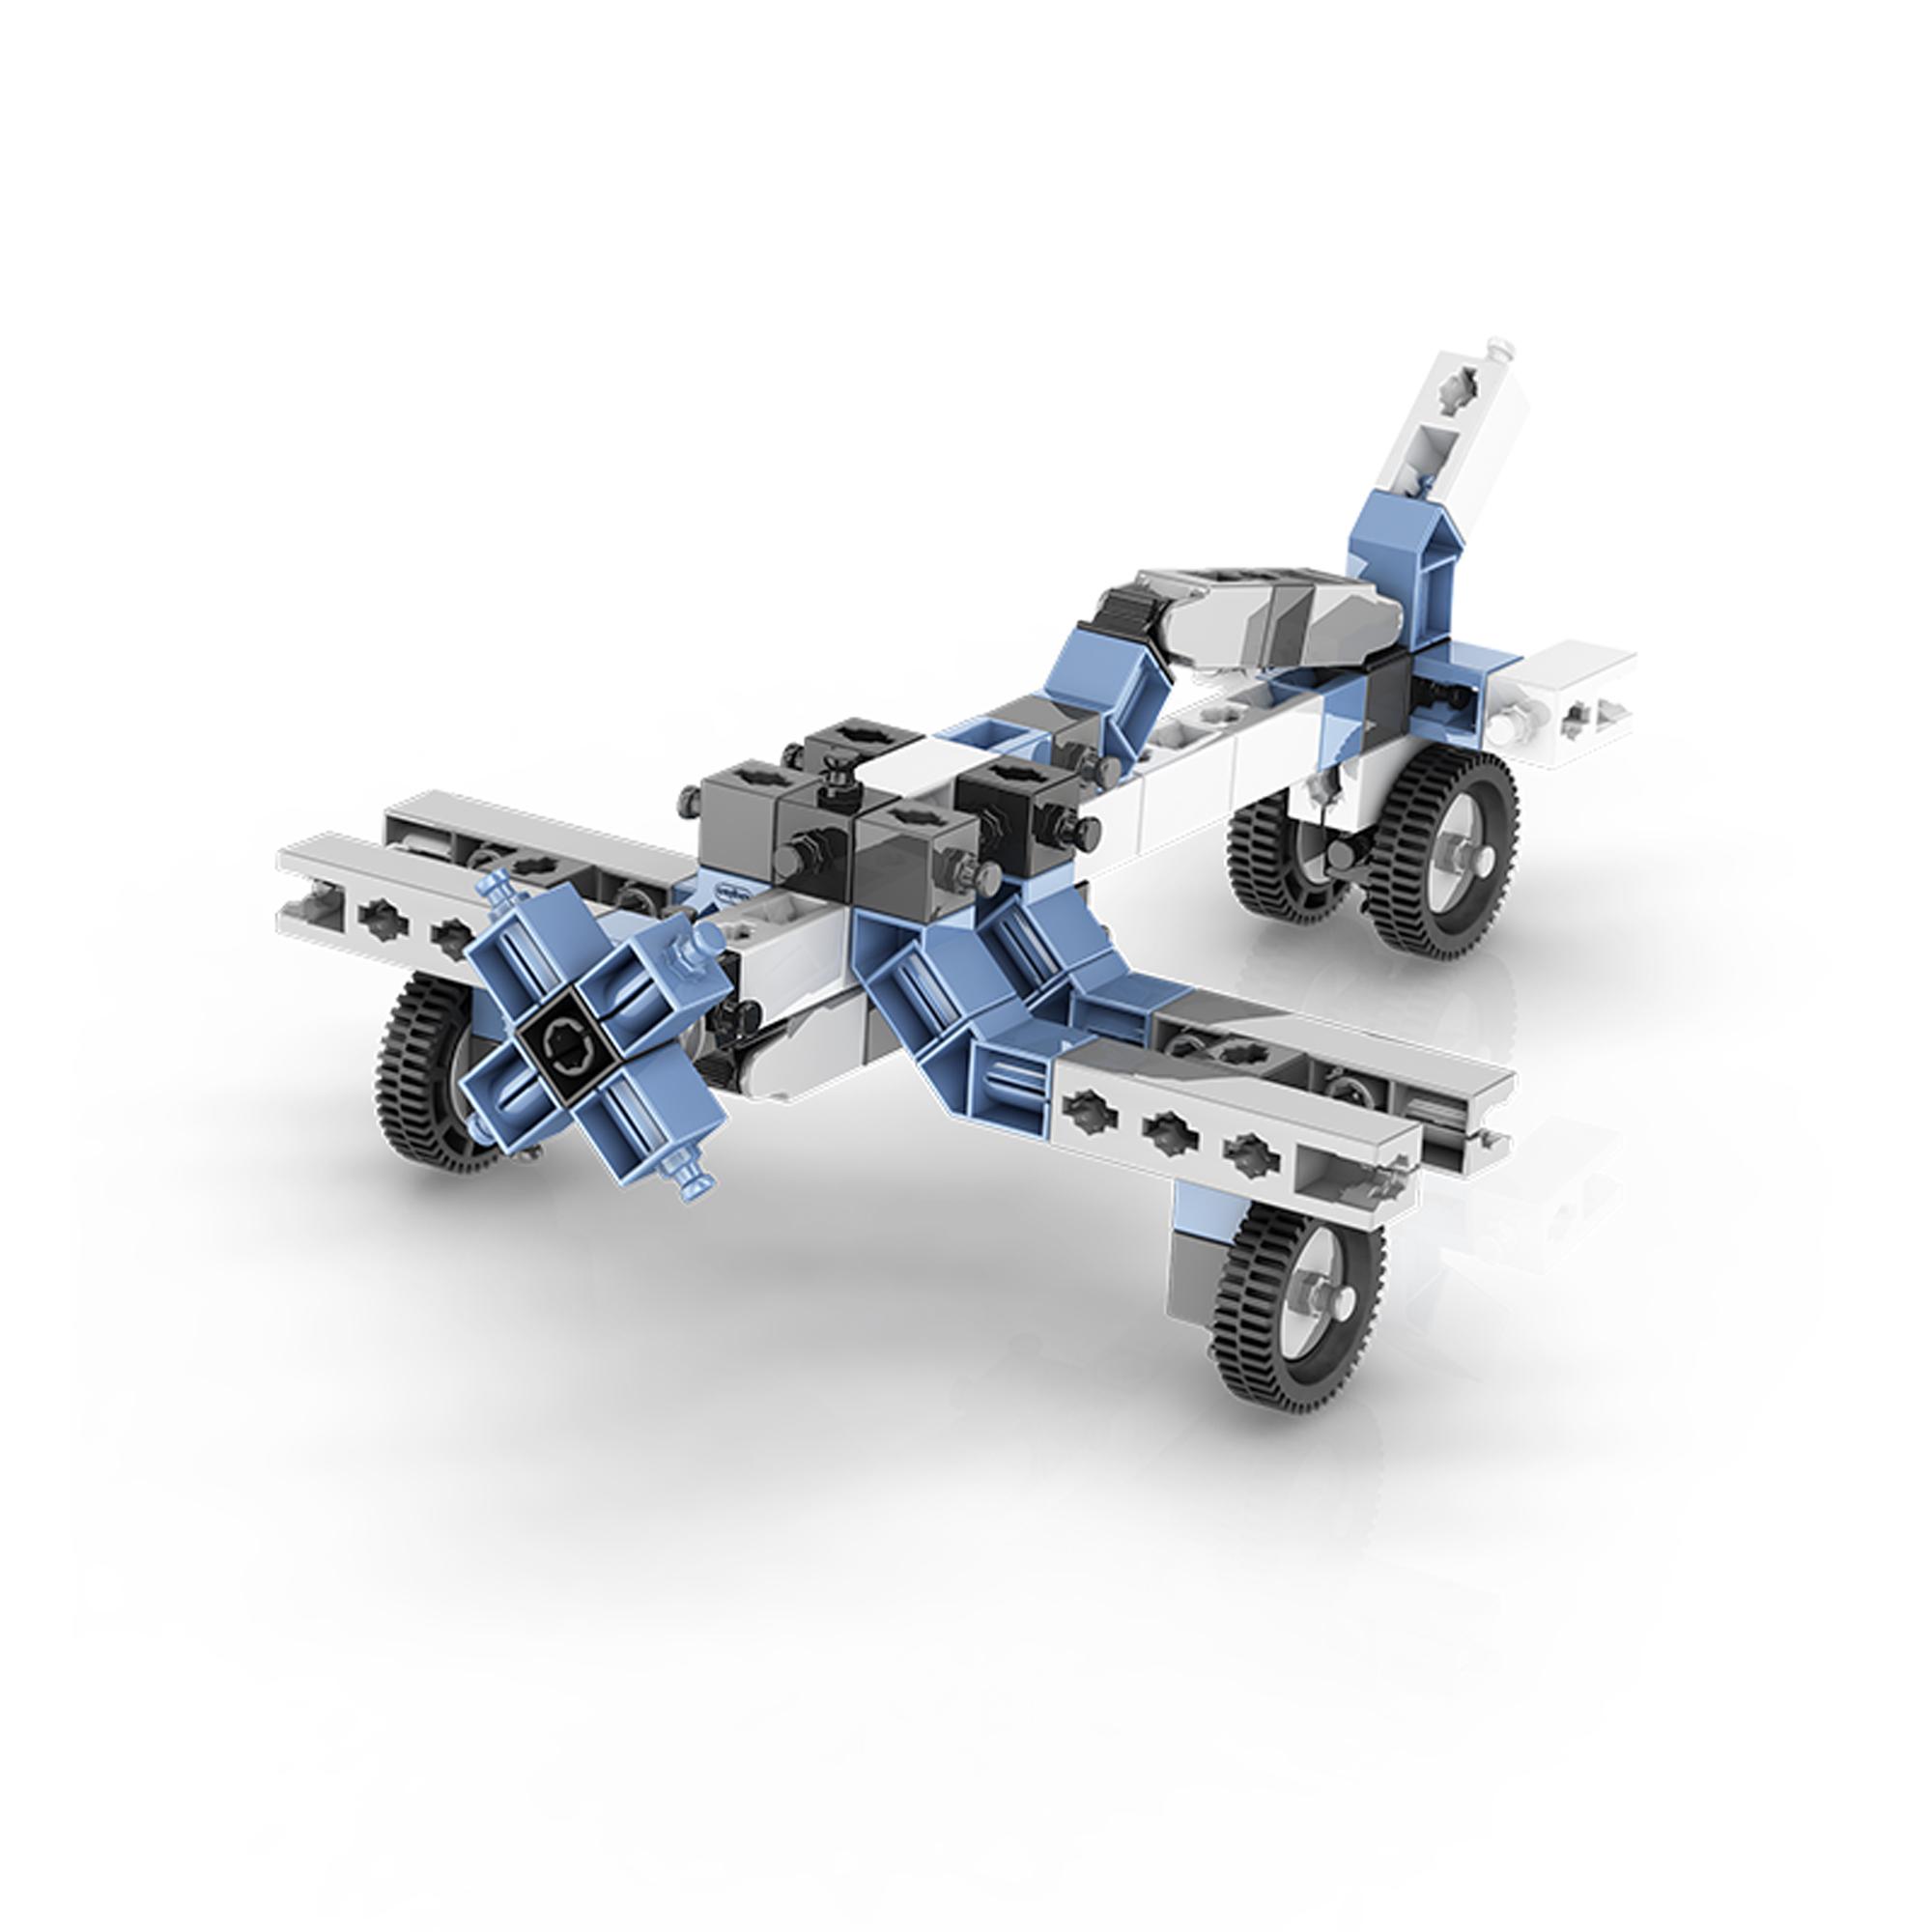 Set de constructie Inventor - 8 modele de aeronave   Engino - 4